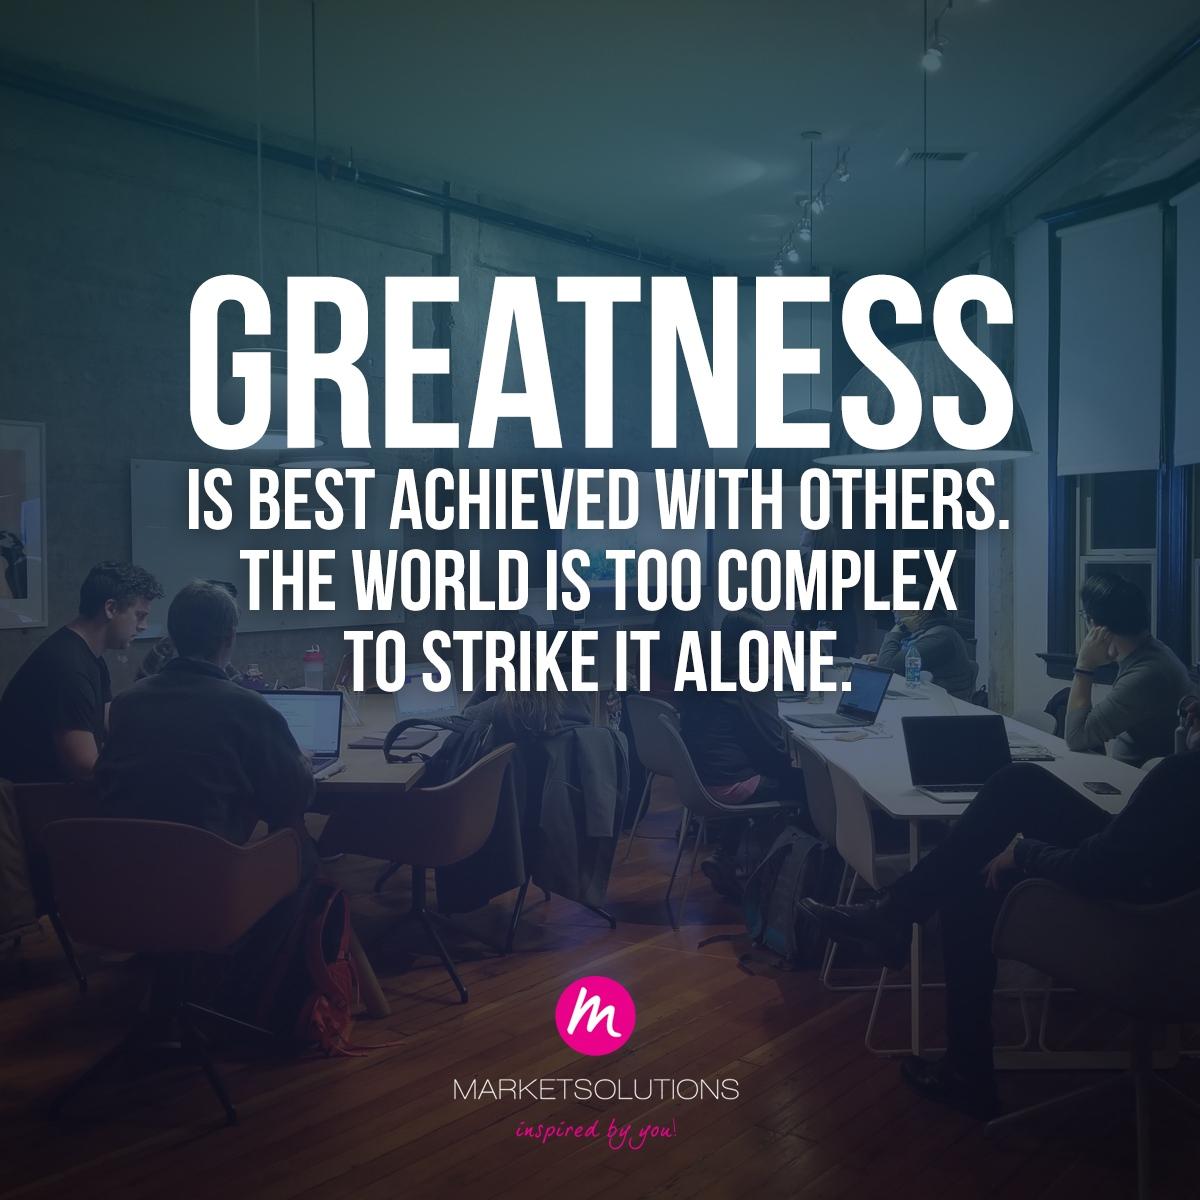 test Twitter Media - Hoe bouw jij een intelligent team om je heen om je doelen sneller te behalen? Deel het in de comments 👇  #Inspiration #Greatness #Mindset https://t.co/0UsDwVpnlH